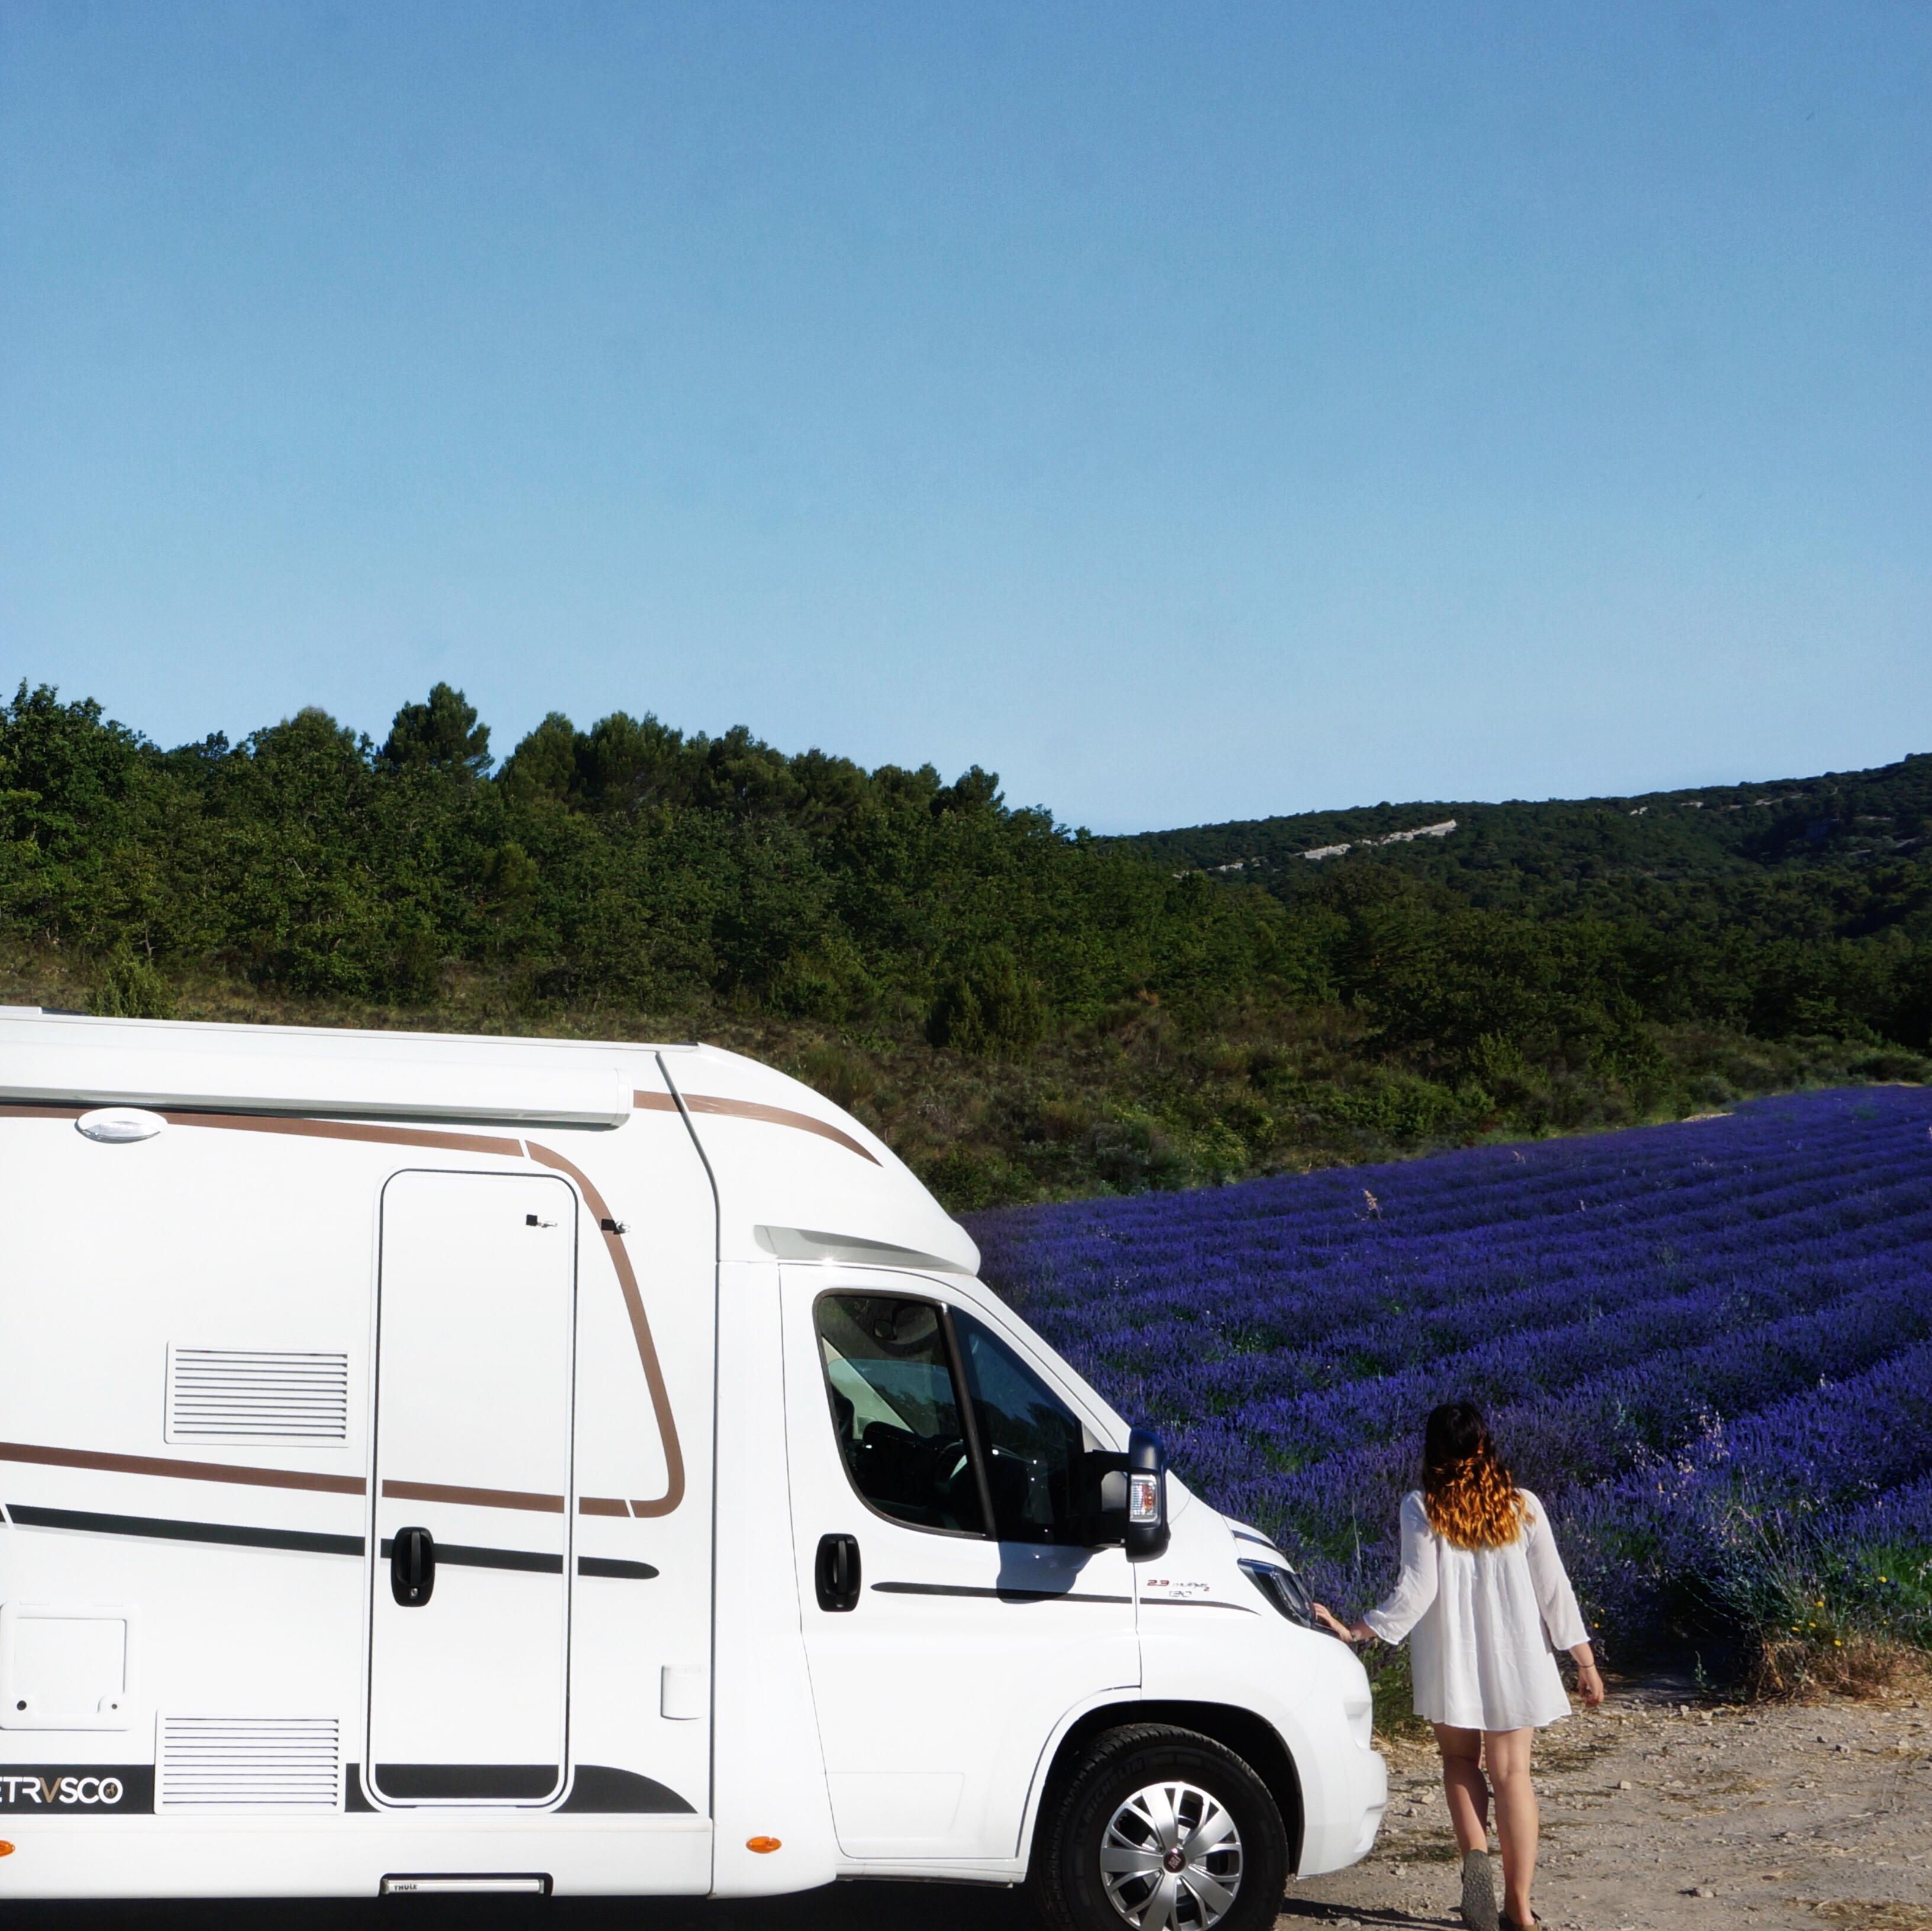 Etrusco Wohnmobil, Wohnmobil Luxus, reisen, Urlaub Wohnmobil, Frankreich Wohnwagen, reise,